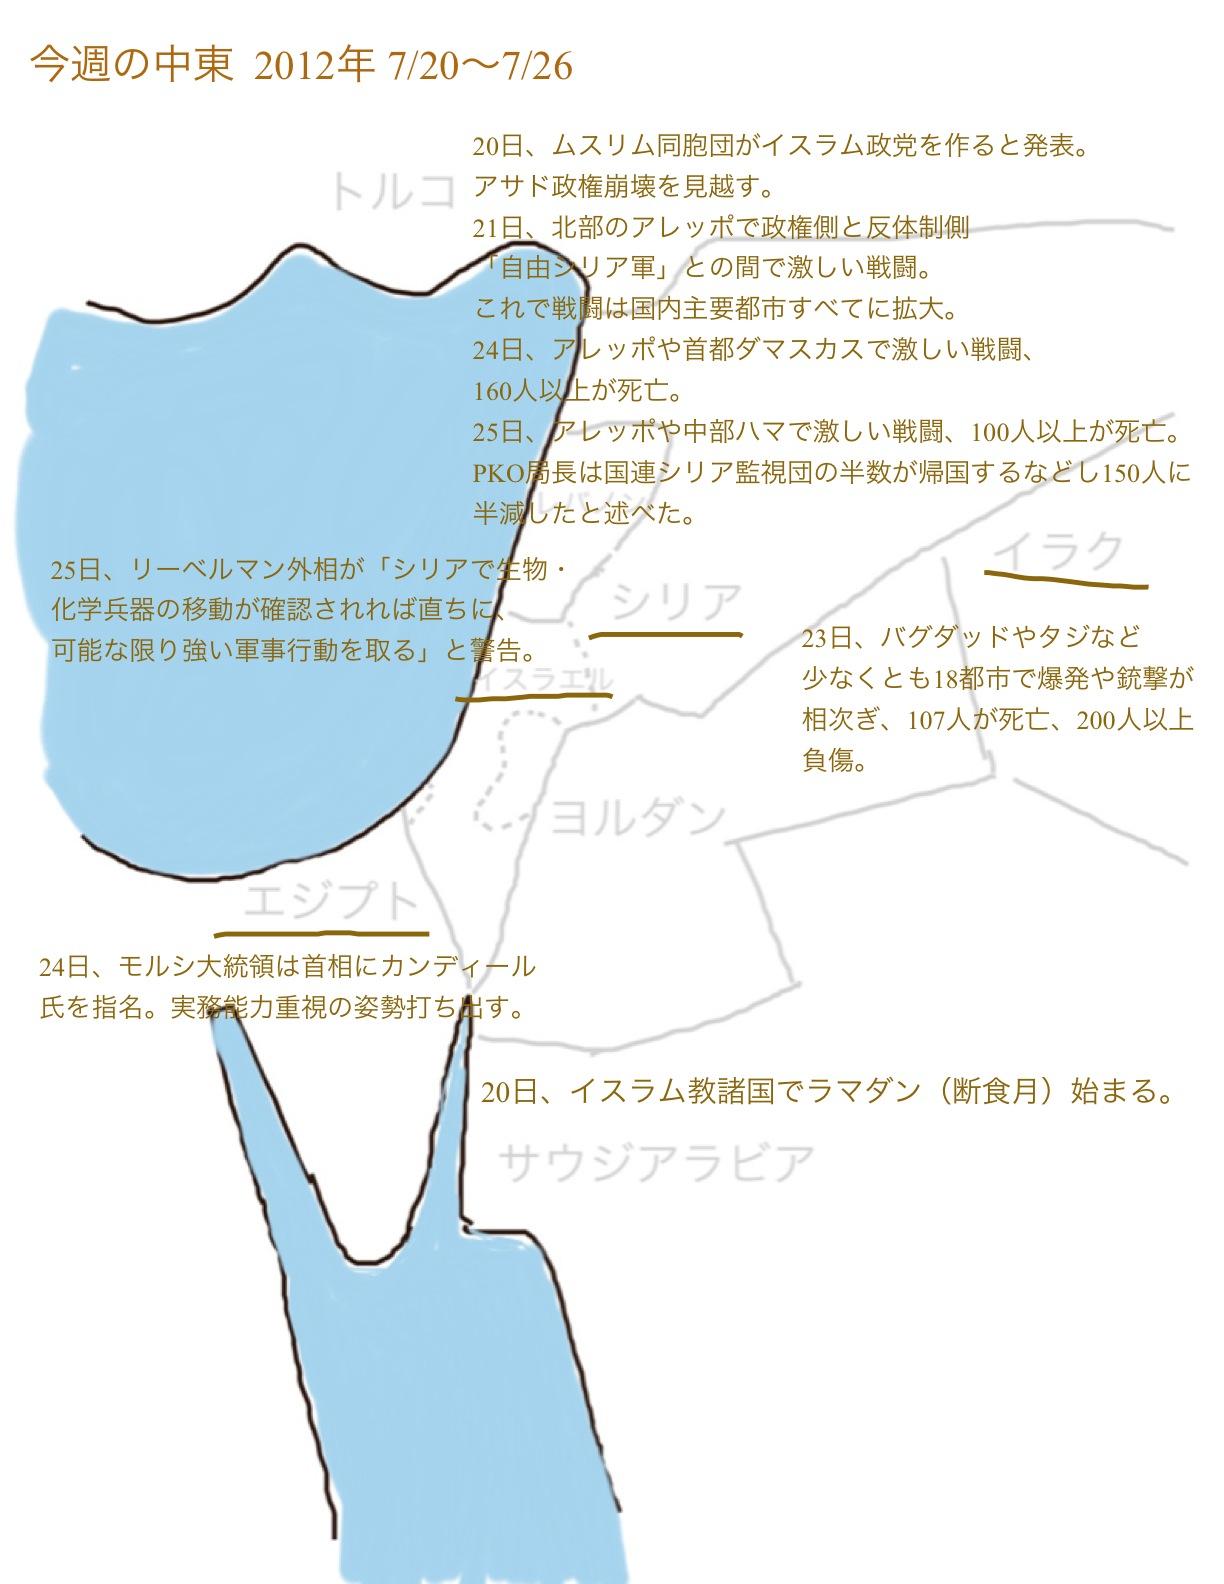 【今週の中東】 2012/7/20〜7/26